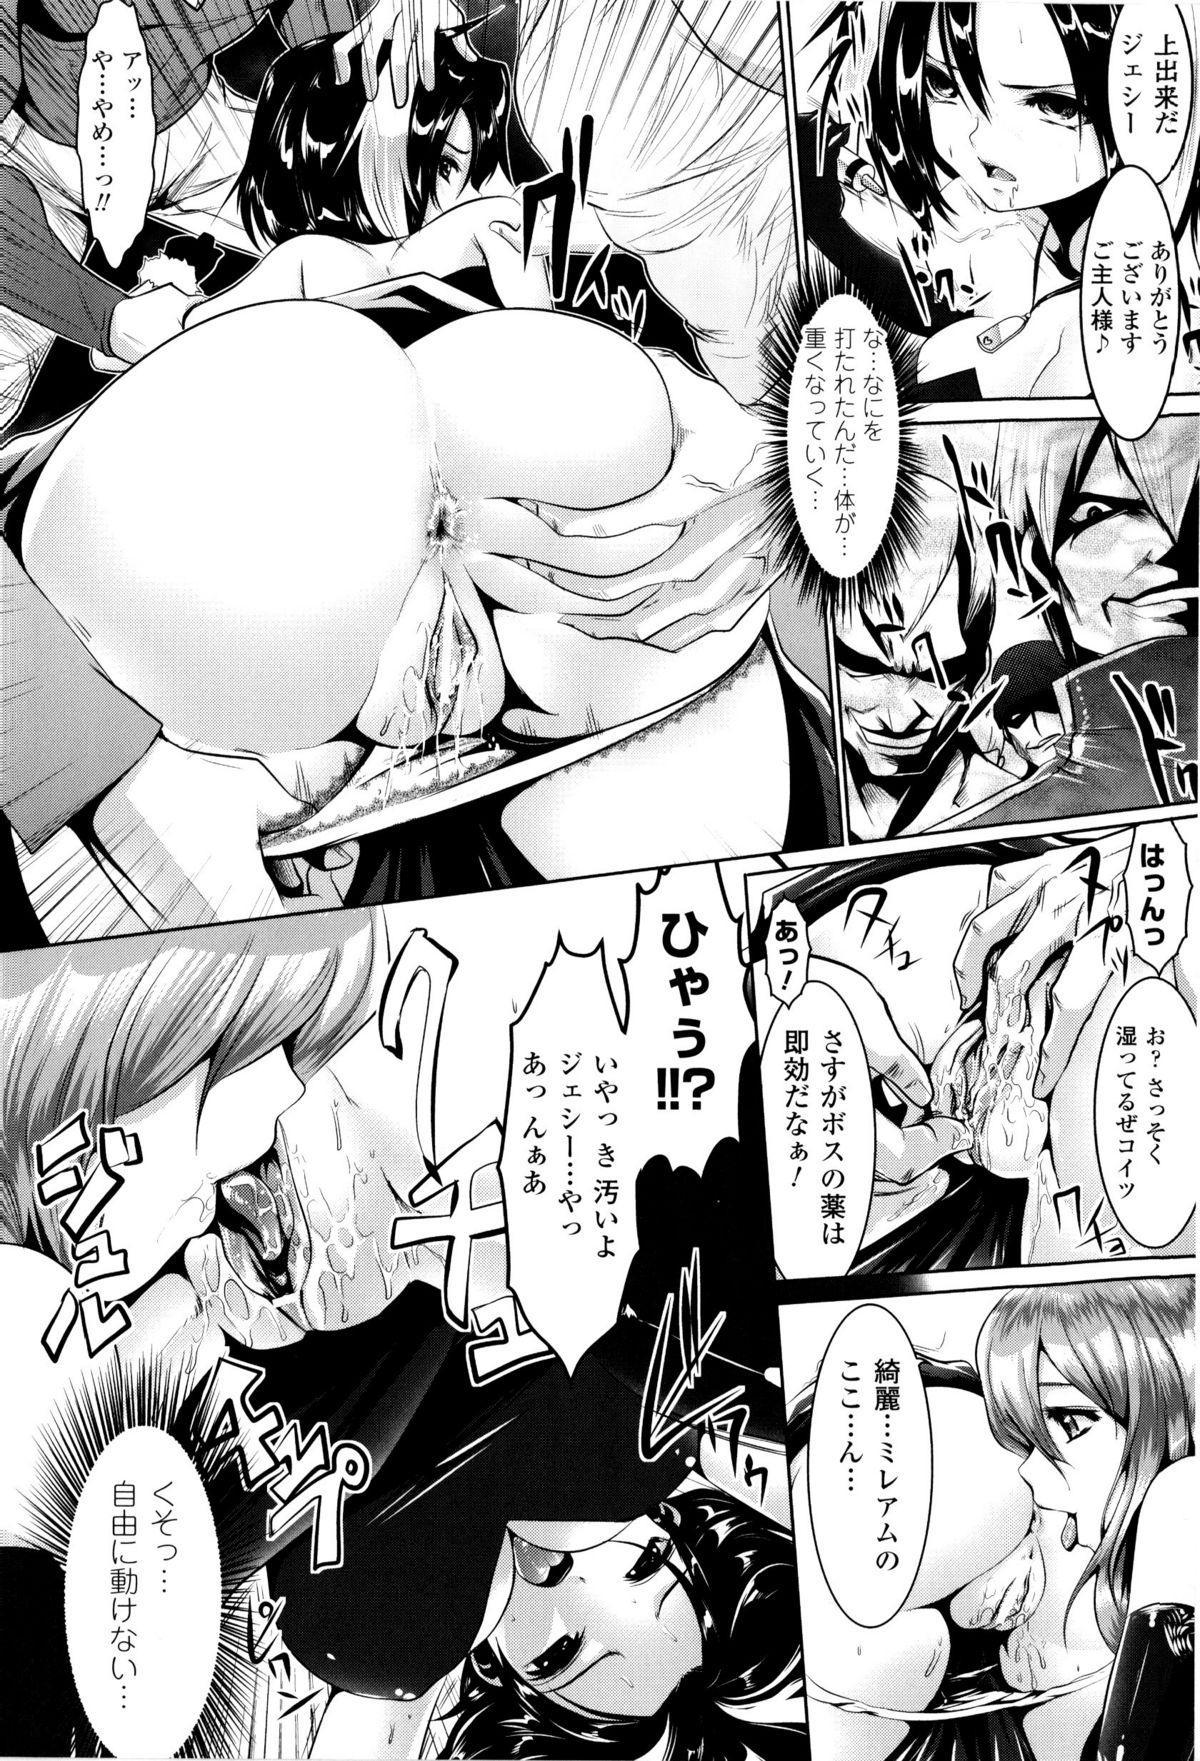 Toushin Engi Vol. 8 154